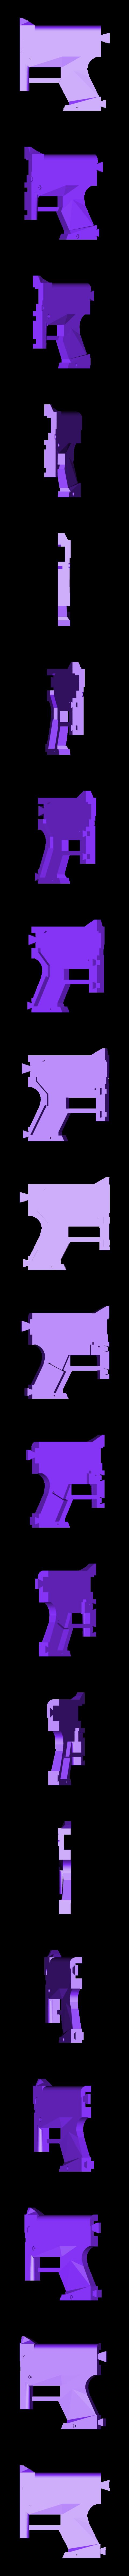 2_Pulserifle_Body2.stl Download free STL file Pulse Rifle • 3D printer template, Snorri